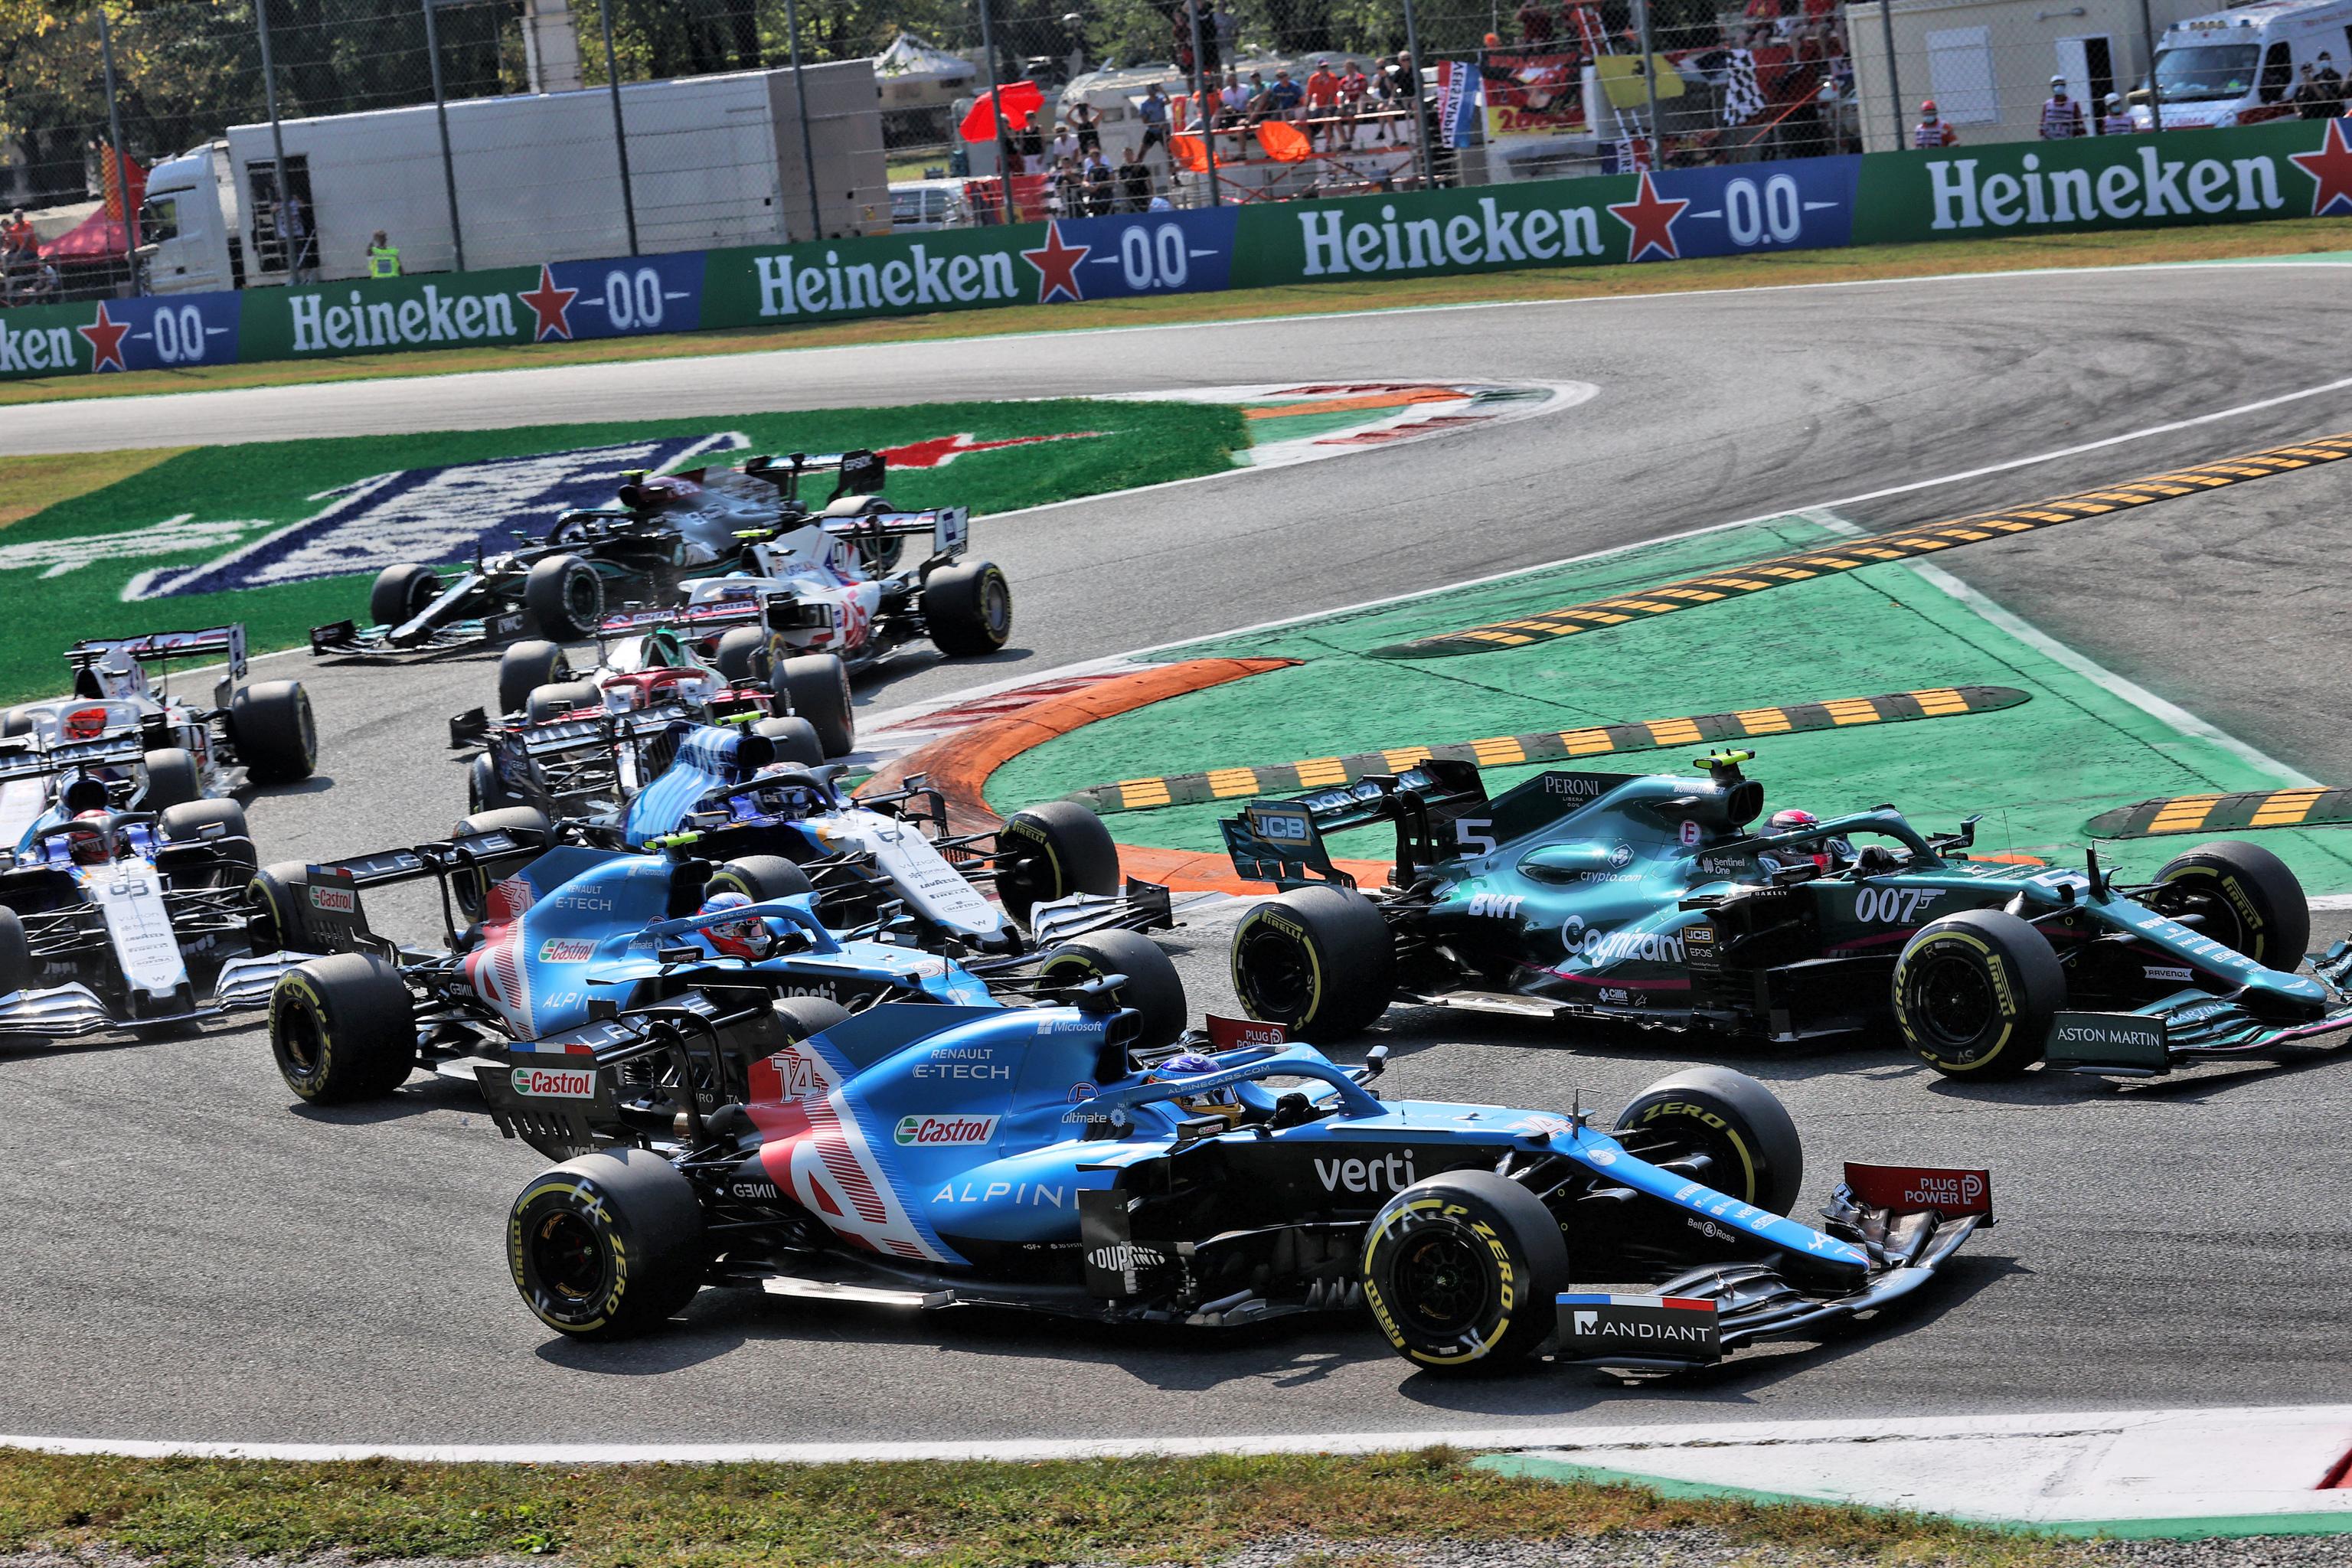 Alonso, en el pelotón, durante el inicio de la carrera.